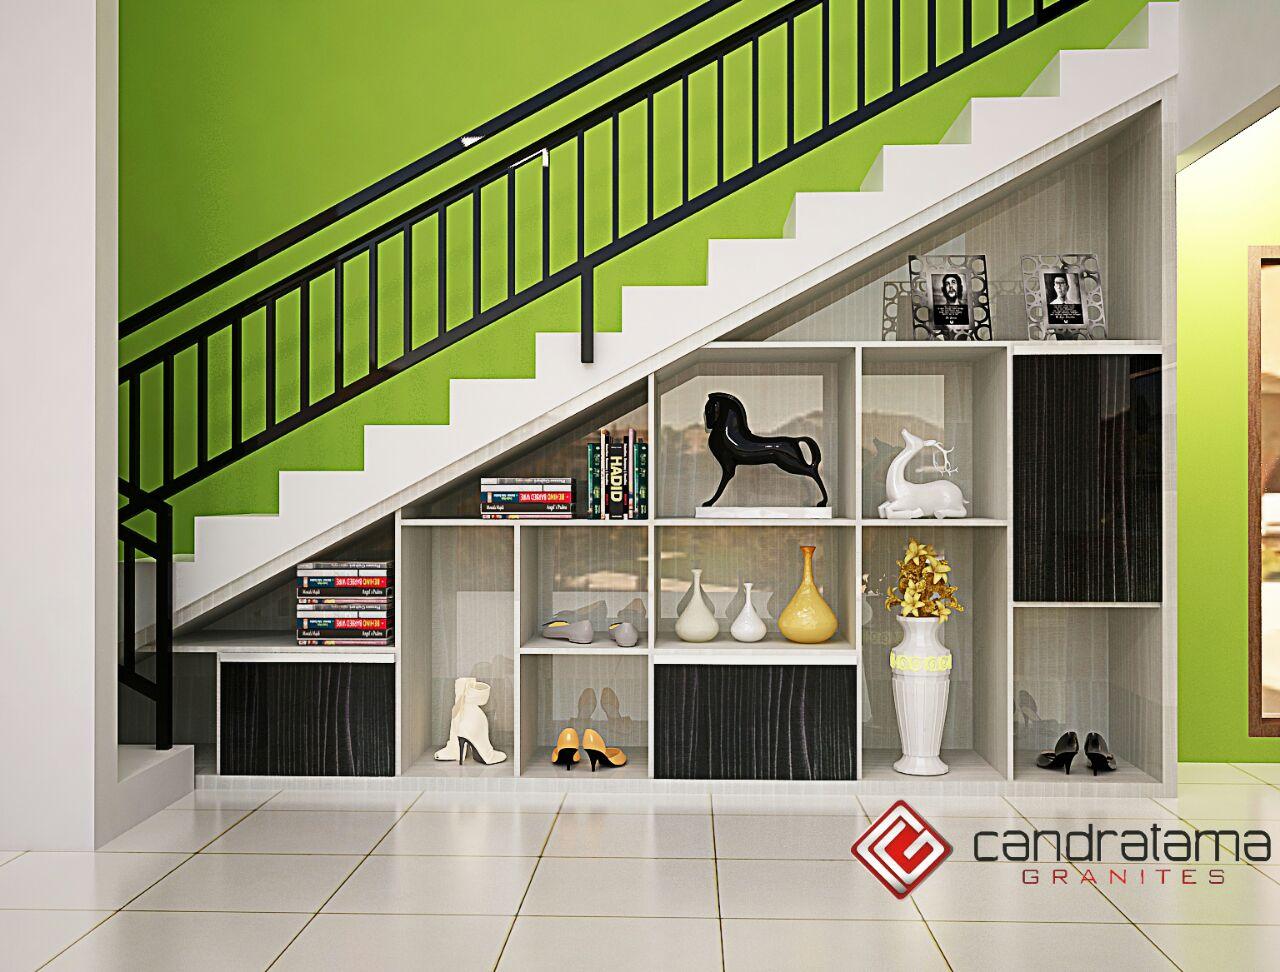 Ide Ruang Bawah Tangga Desain Pak Ikhwan Kediri Desain Interior Rumah Minimalis Kediri